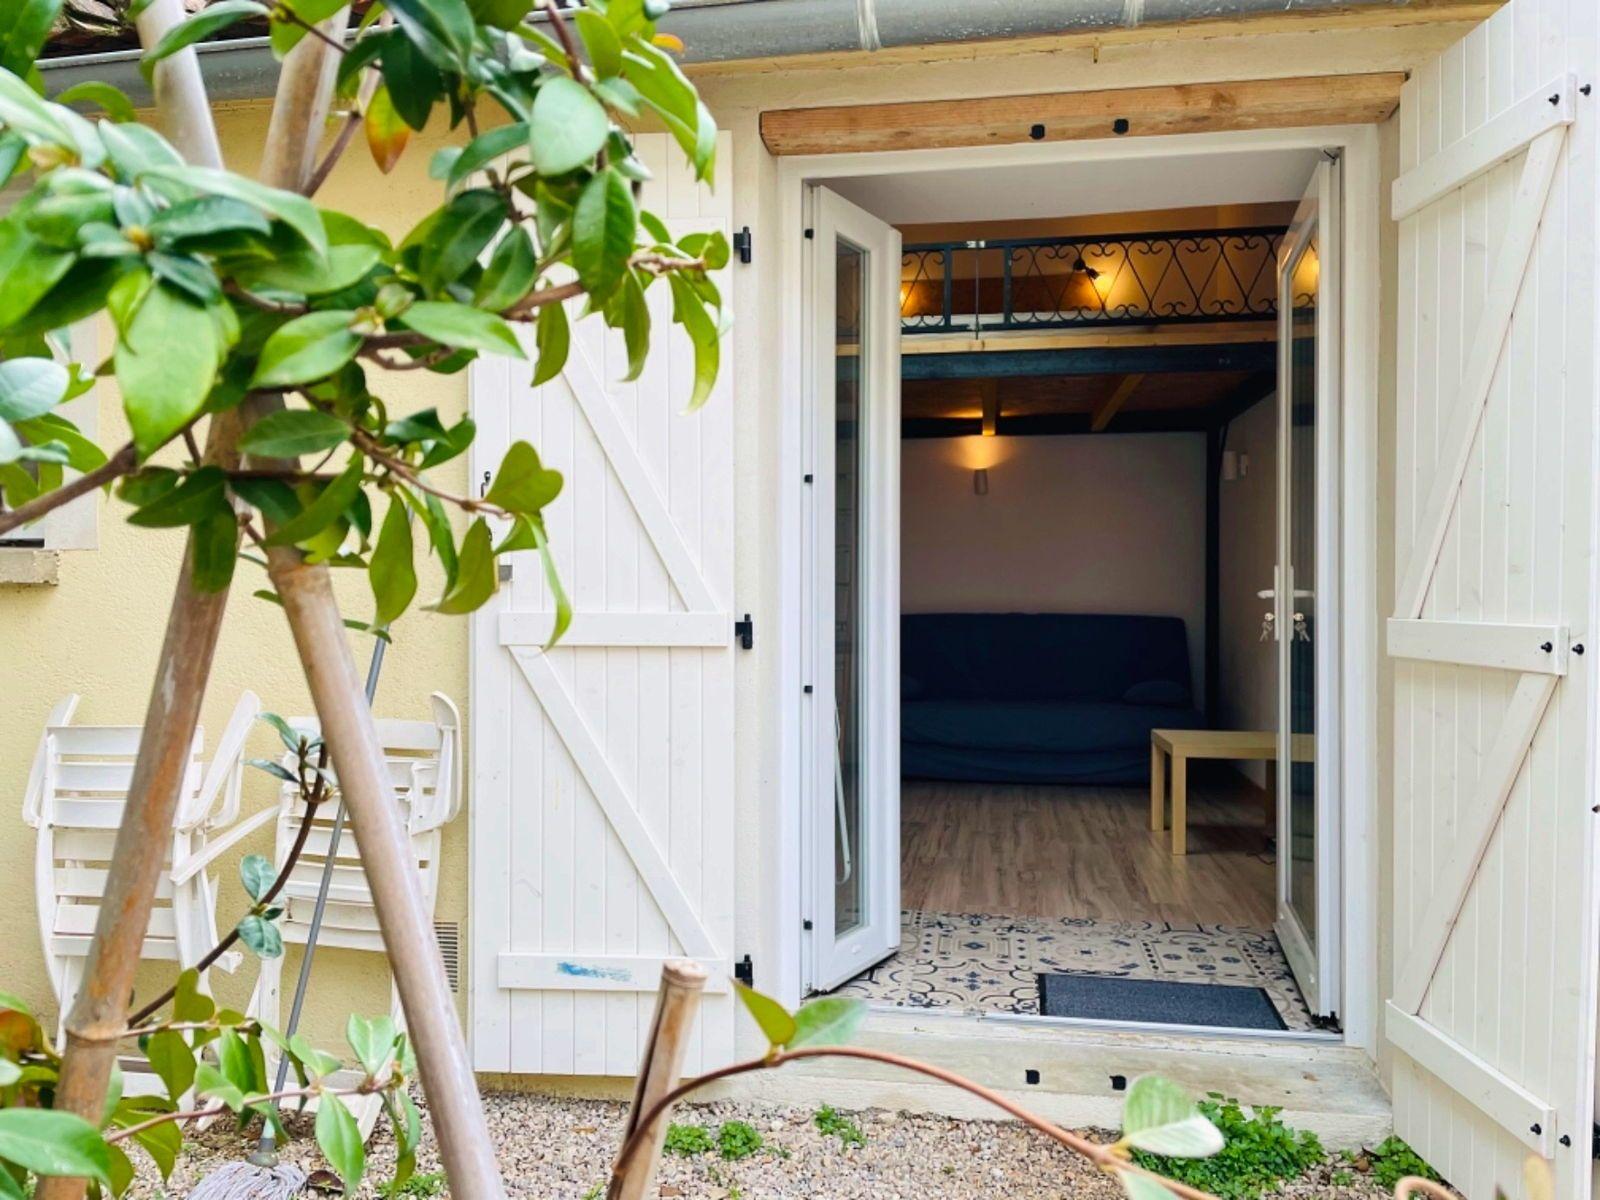 Loue Studio Meublé 20m² avec jardinet quartier Arceaux - Montpellier (34)